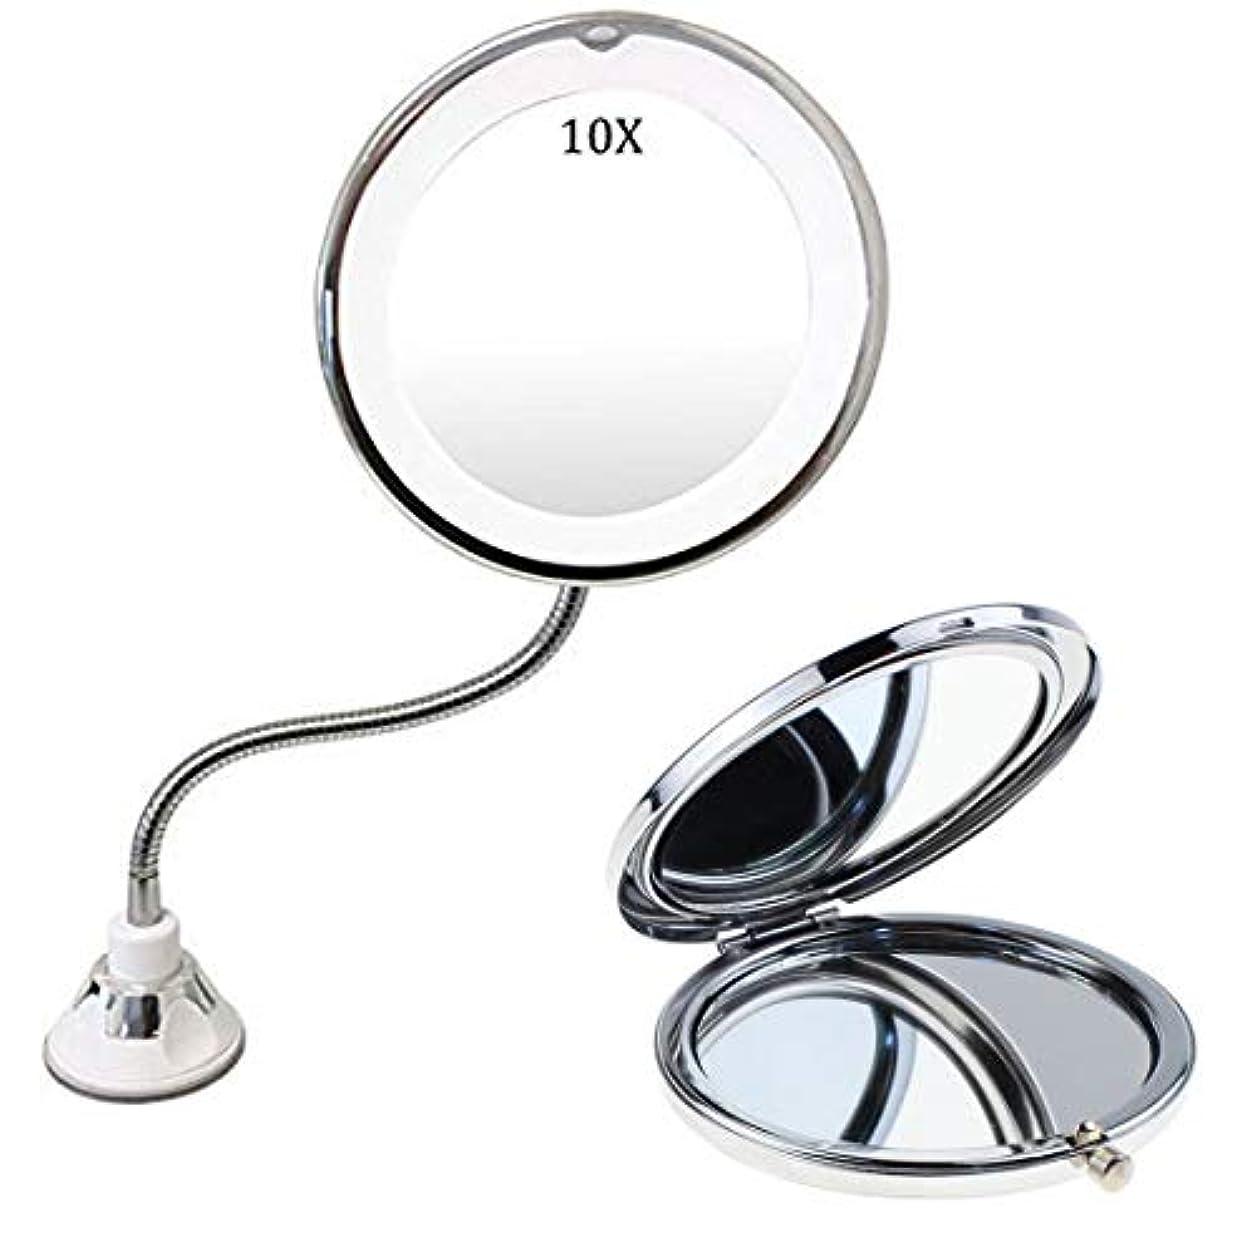 人に関する限りコンパニオンメール10倍拡大鏡 LED化粧鏡 明るさ調節可能 浴室鏡 曇らないミラー 吸盤ロック付きLEDミラー 壁掛けメイクミラー 360度回転スタンドミラー 三単電池